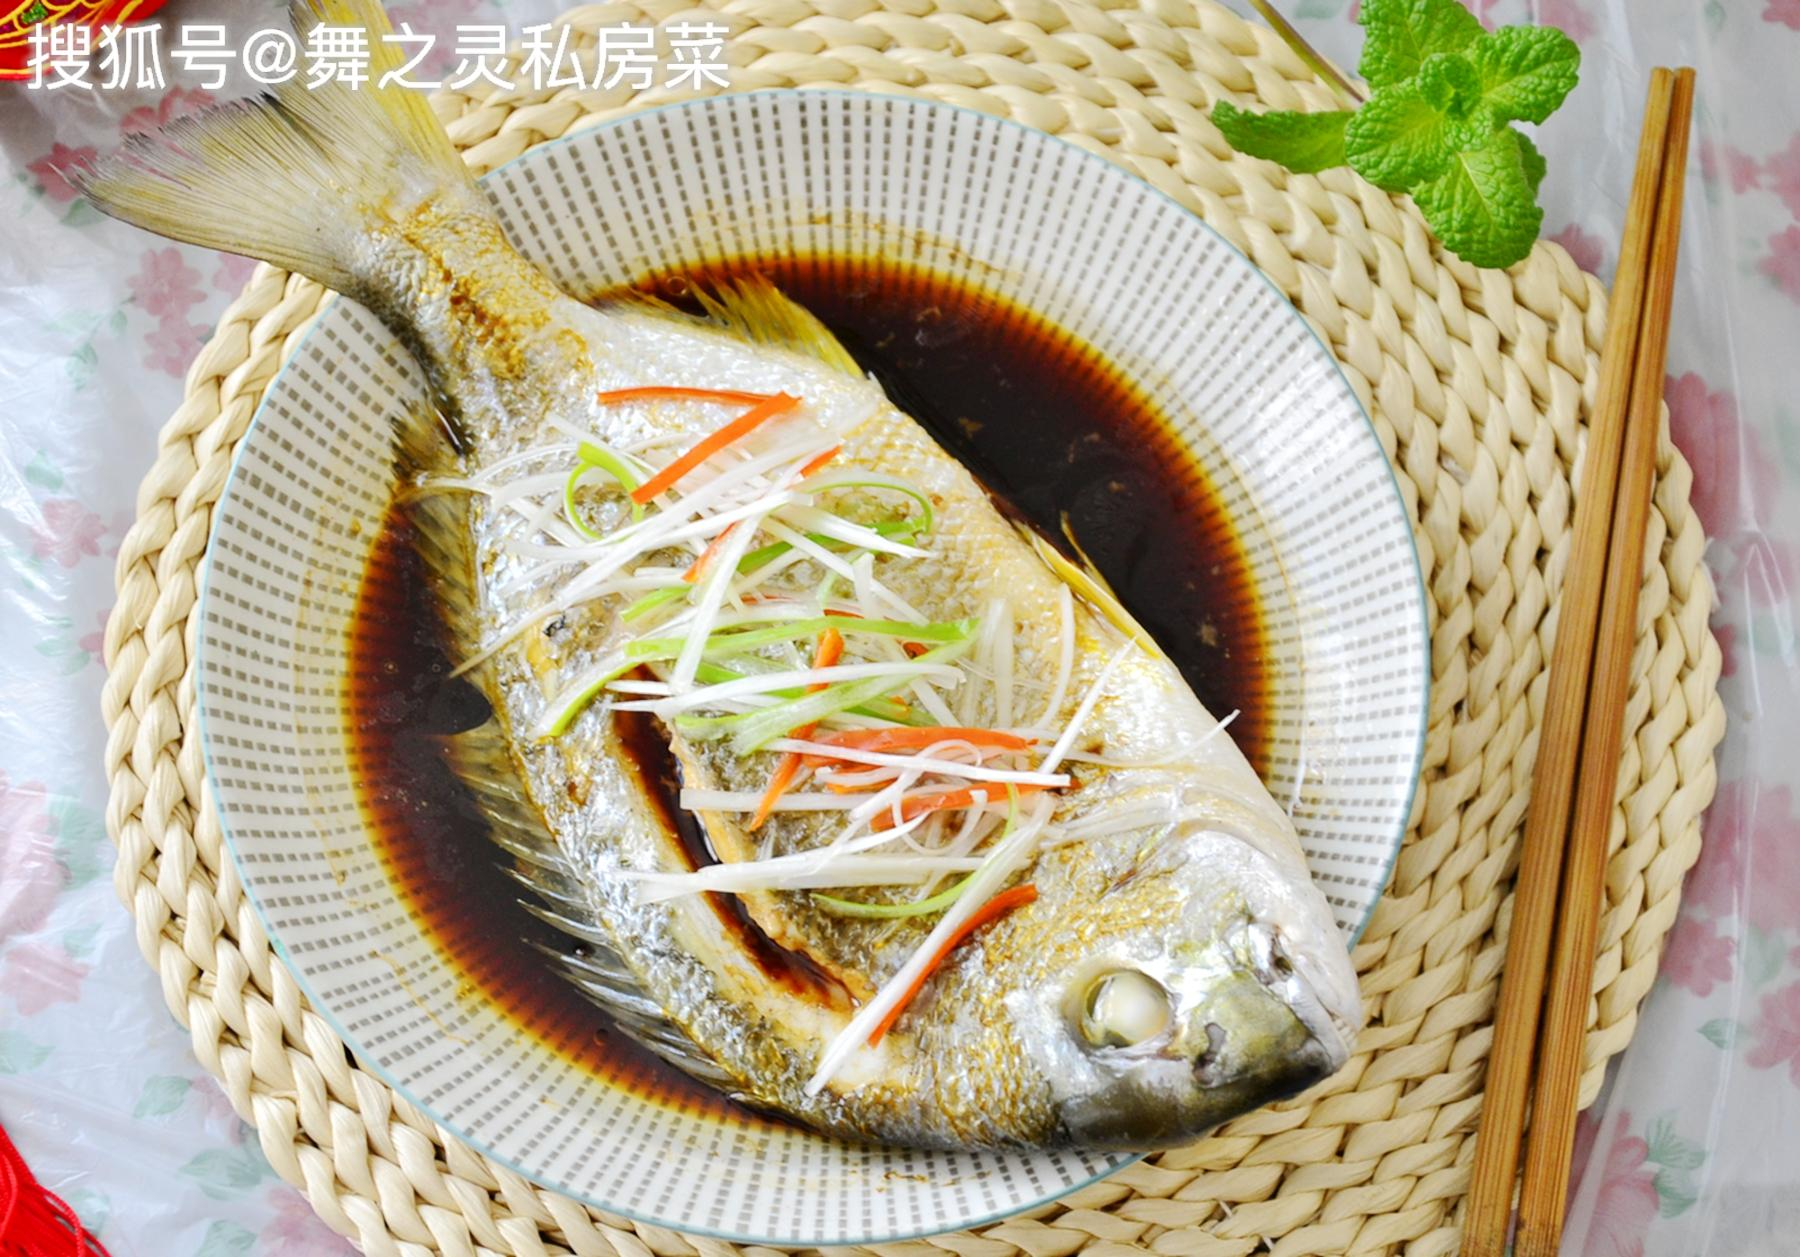 <b>天热此鱼要多吃,抗衰老提高免疫力,老少越吃越健康</b>